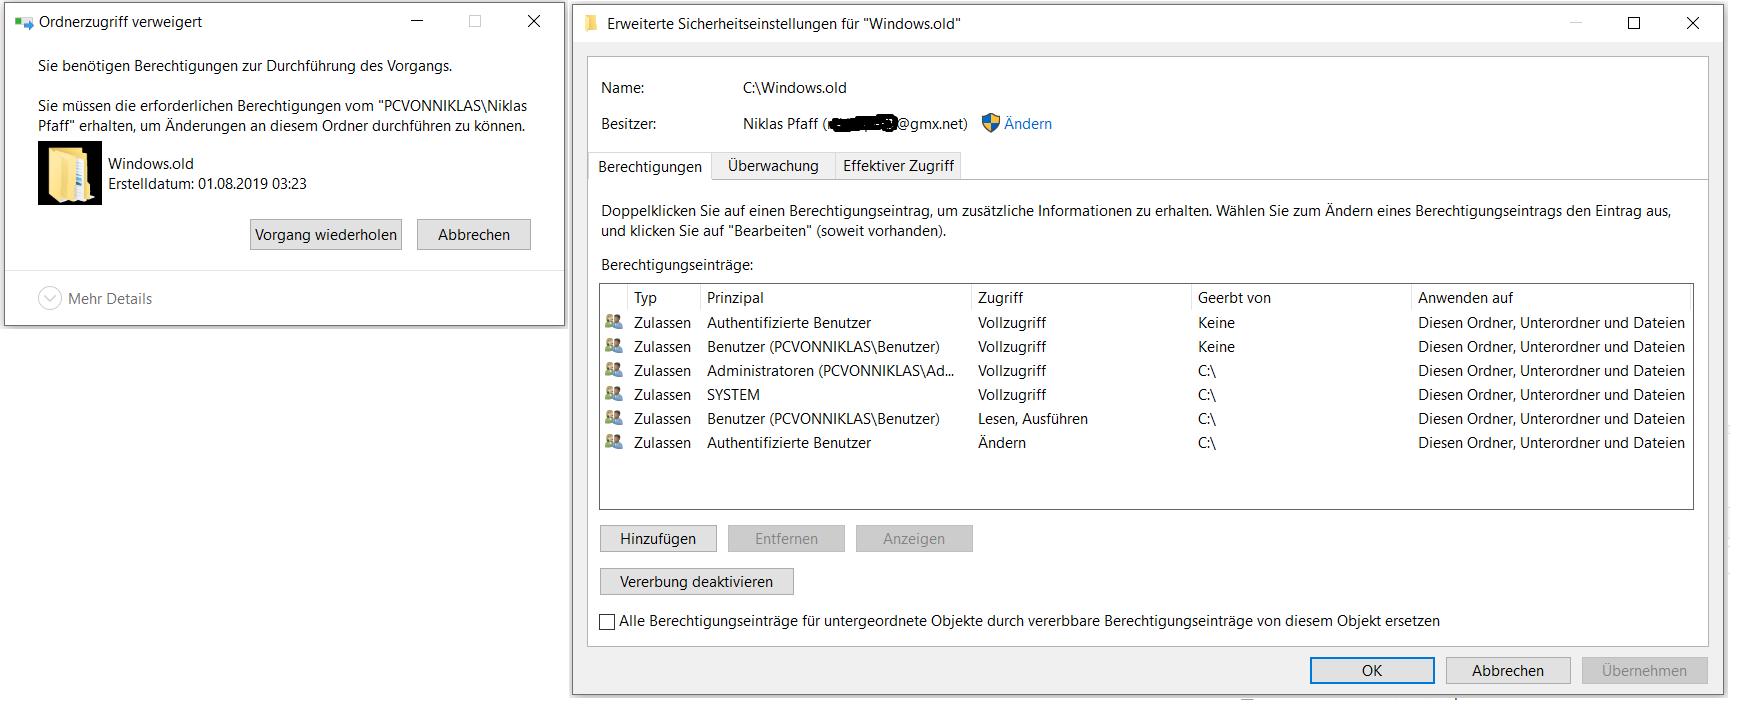 Warum gibt es 2-mal den gleichen Benutzer und wie kann ich Windows.old löschen? (hängt...